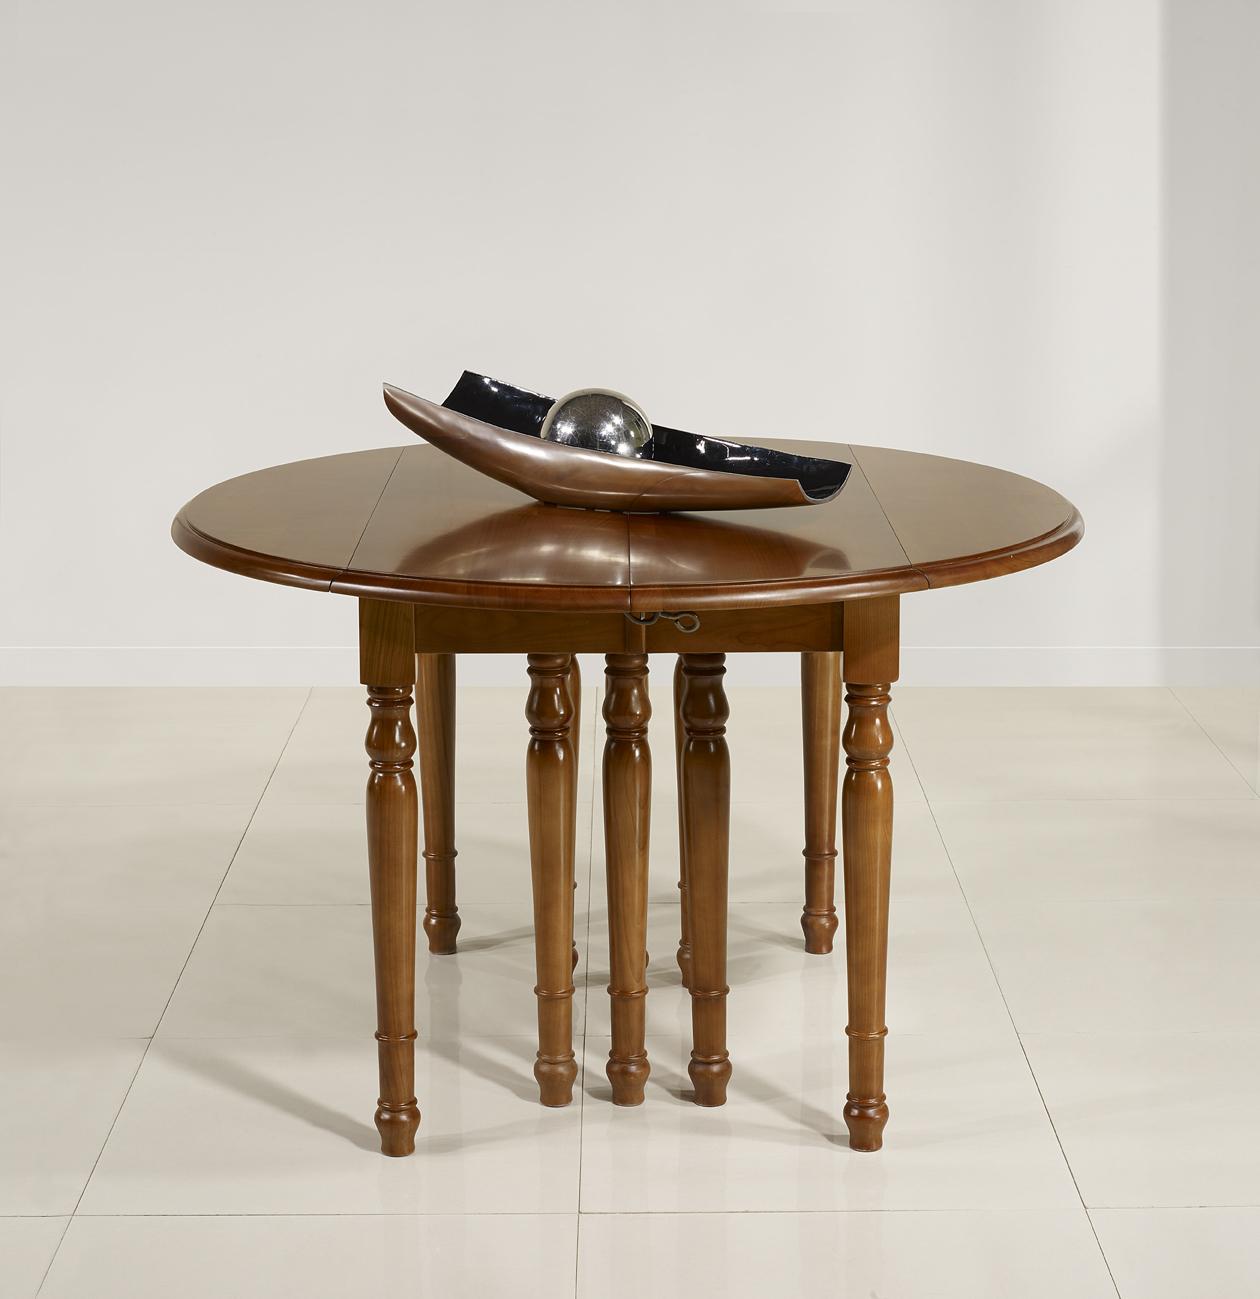 Table ronde volets diametre 120 en merisier massif de - Table ronde meuble ...